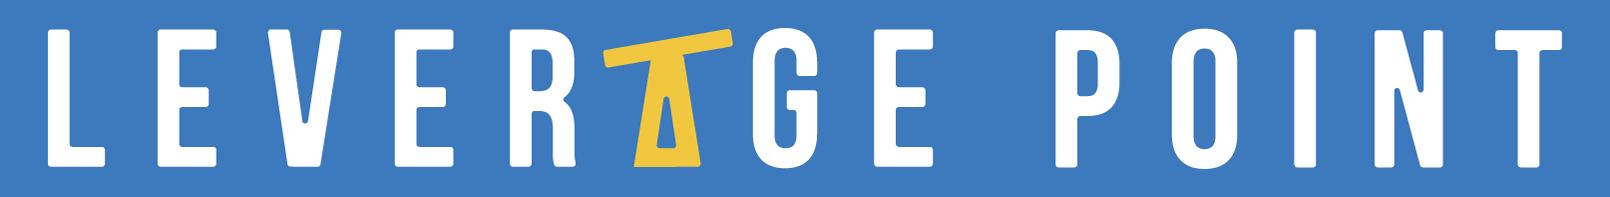 Leverage-Point-Logo1